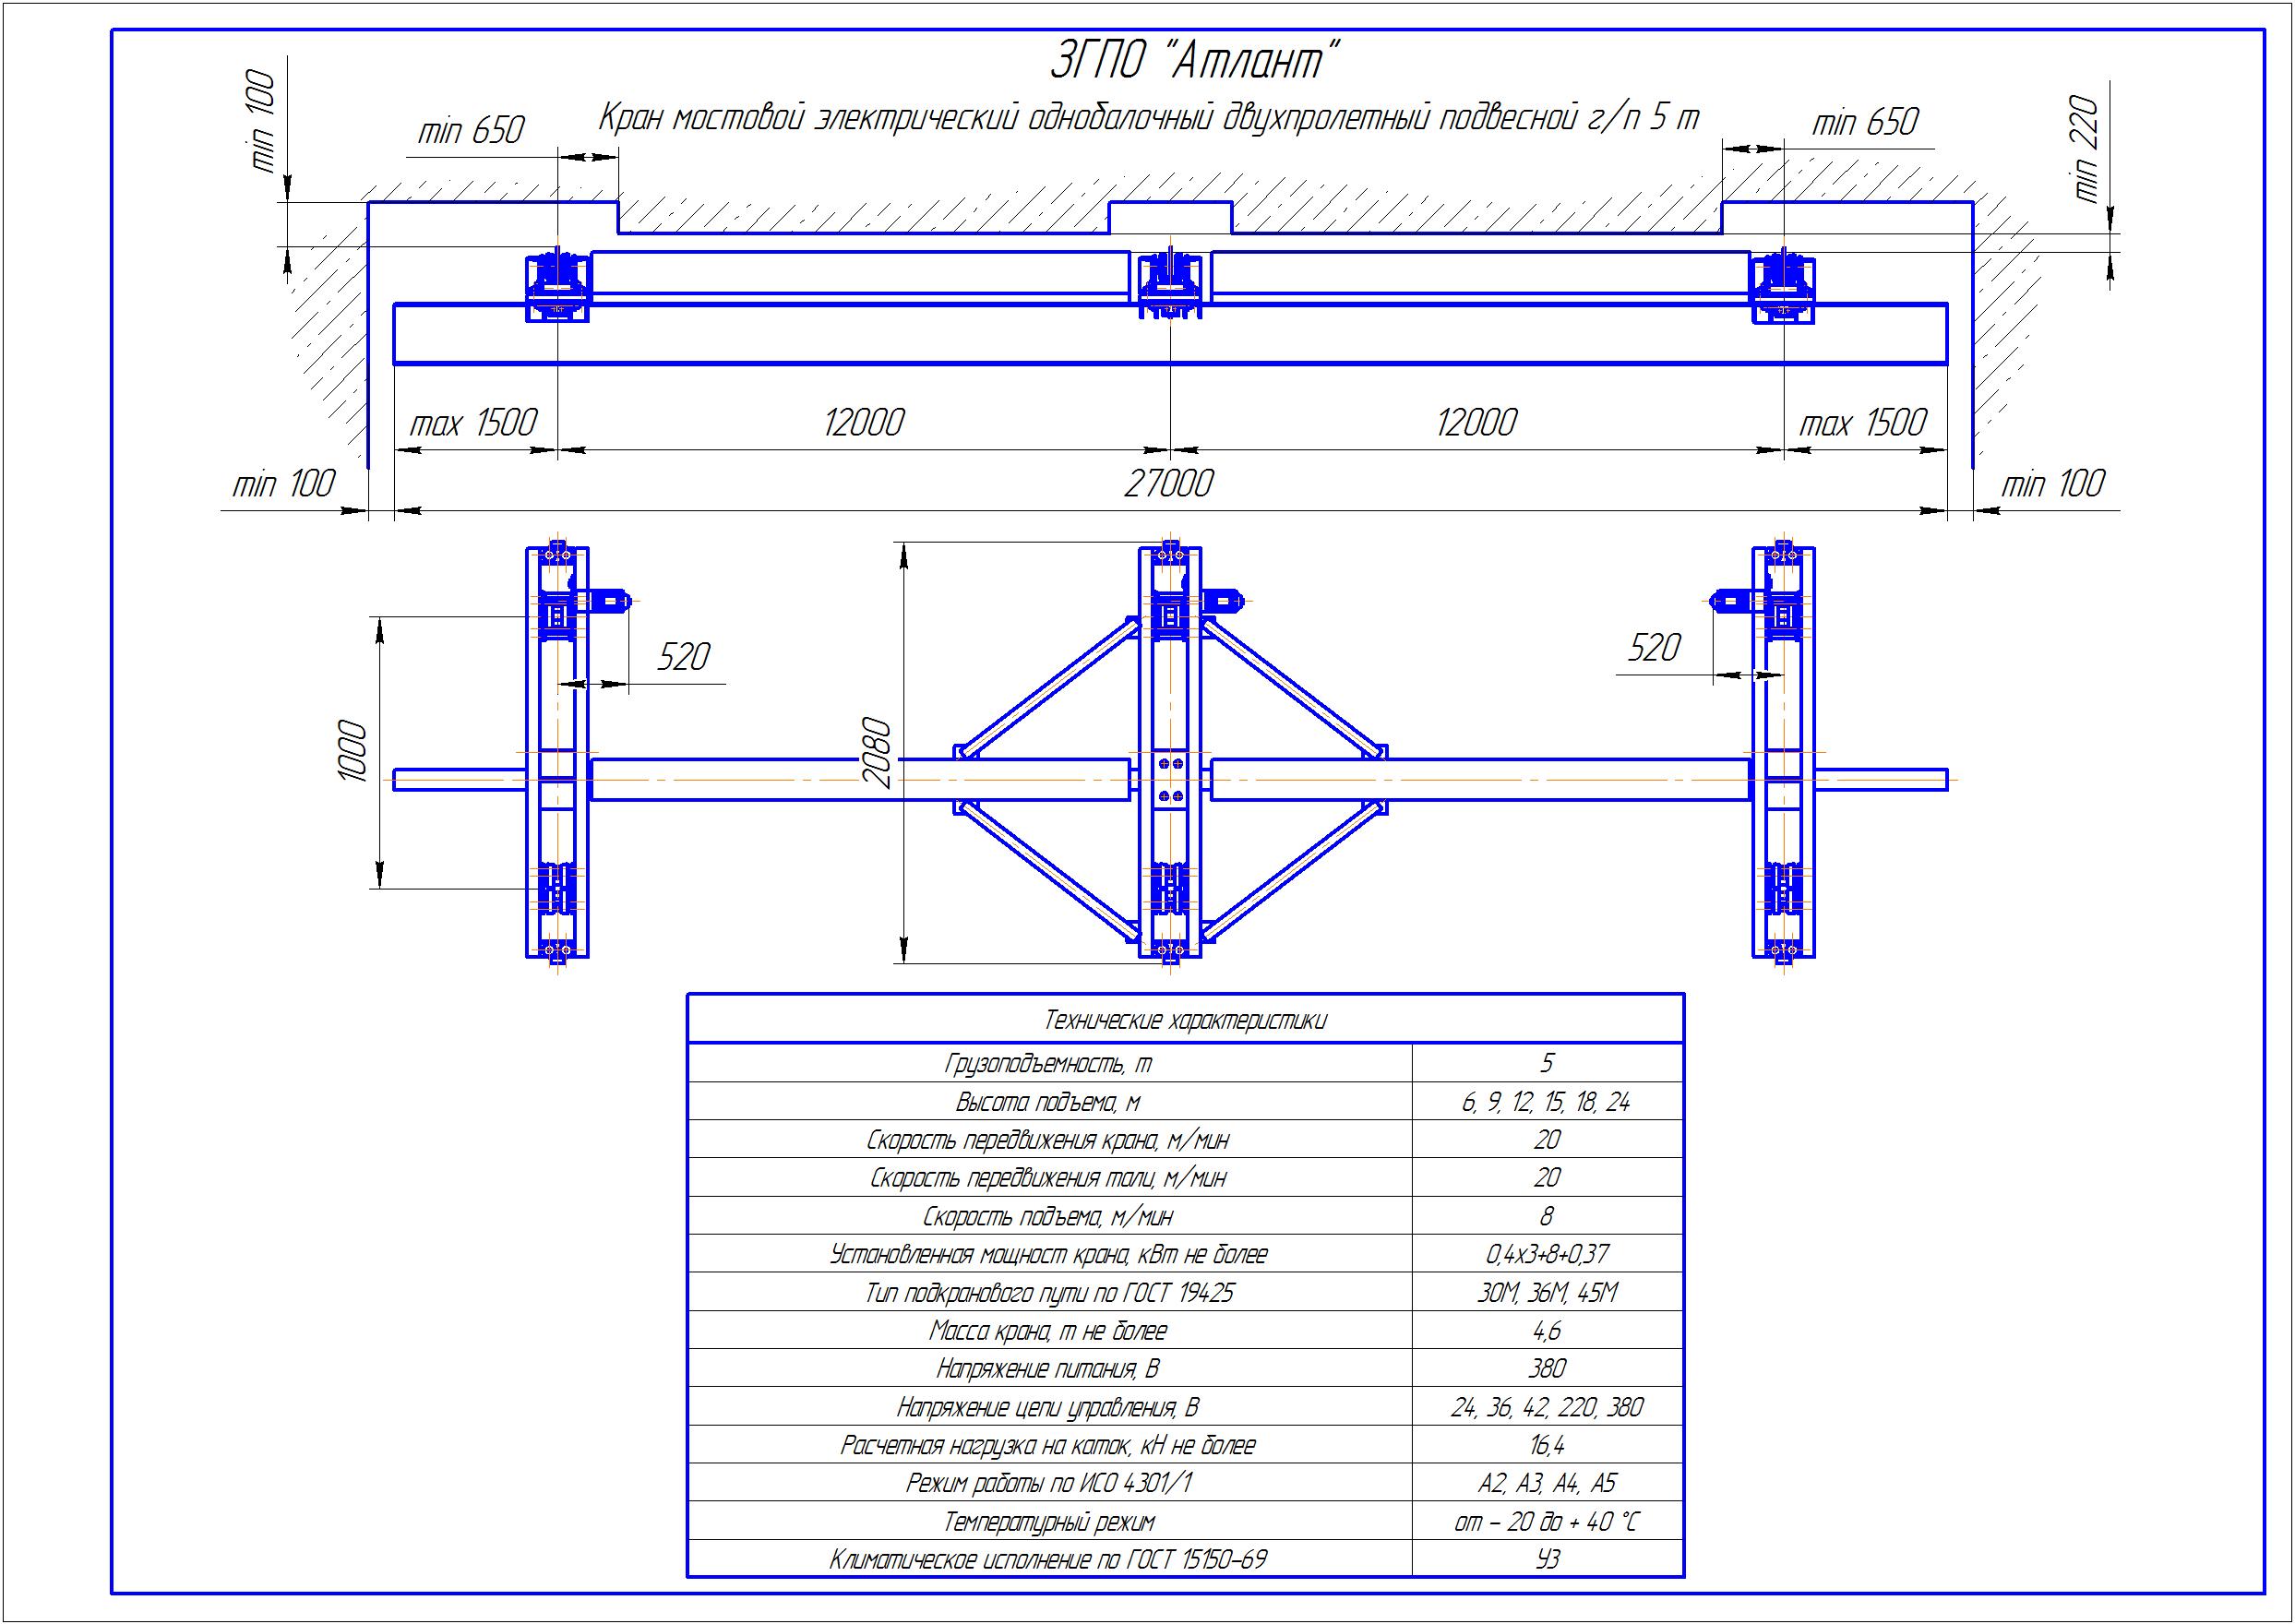 KBPD 4 4 - Подвесная кран балка двухпролетная